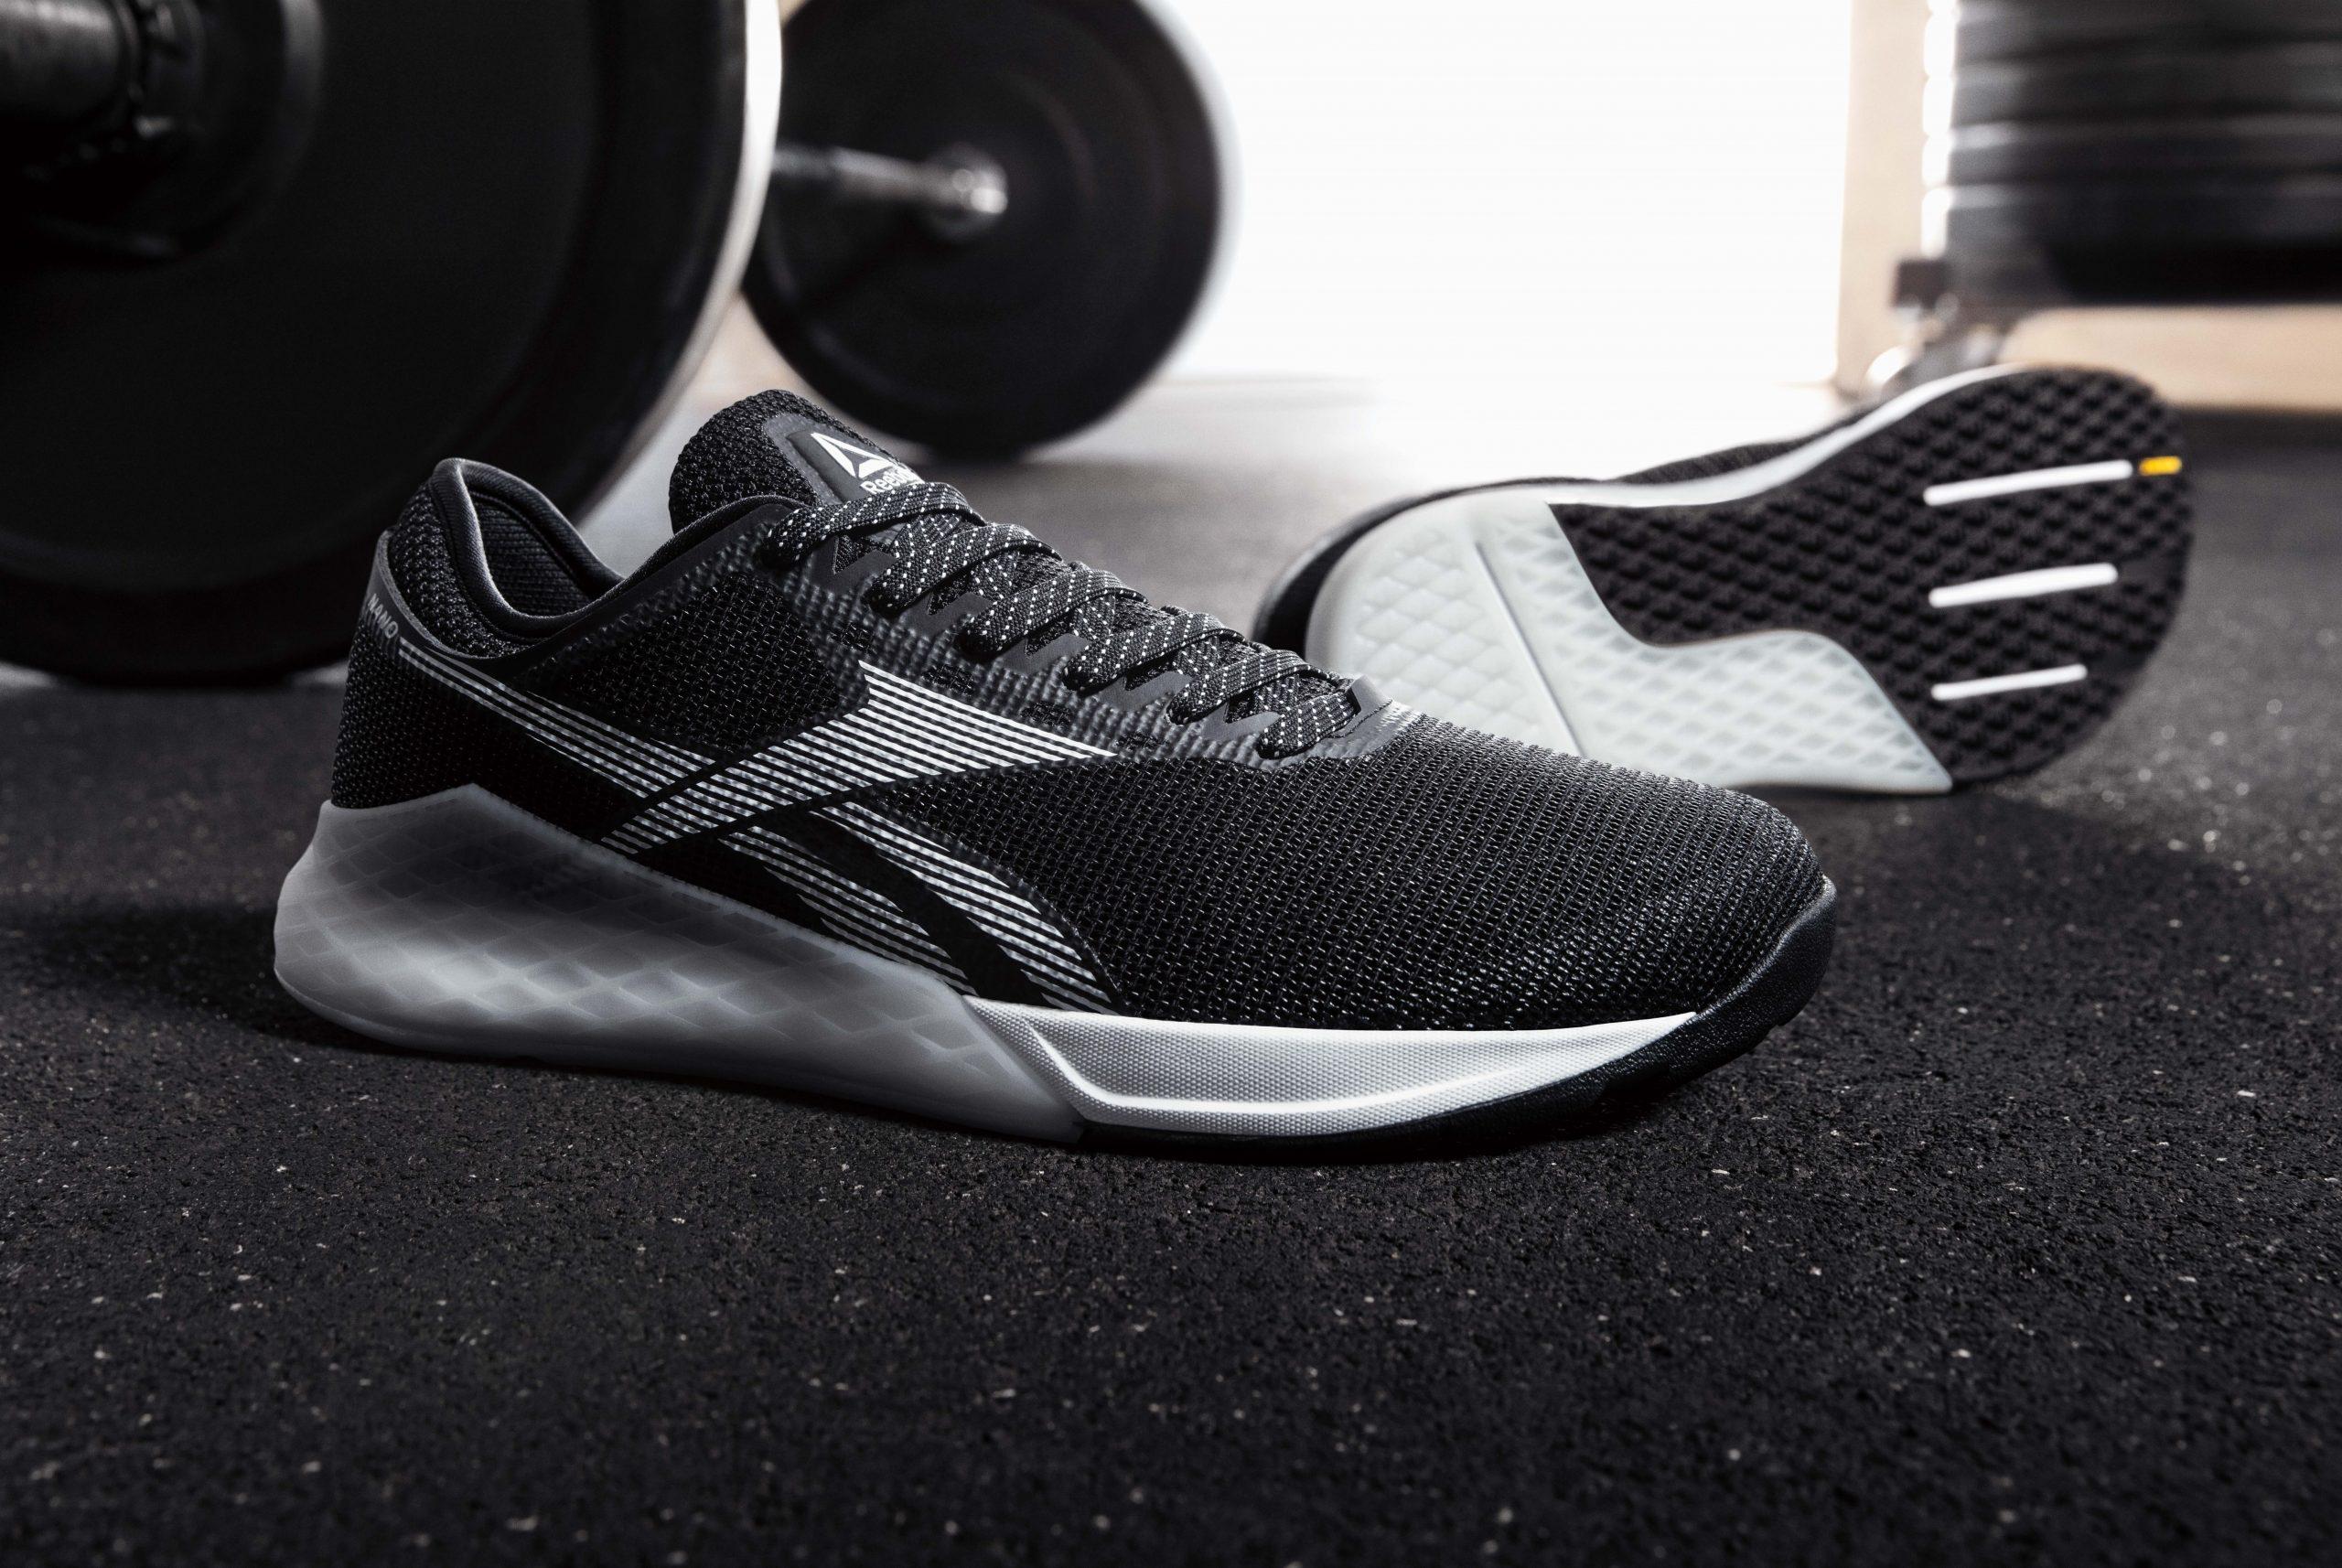 Reebok Nano 9 cipőteszt